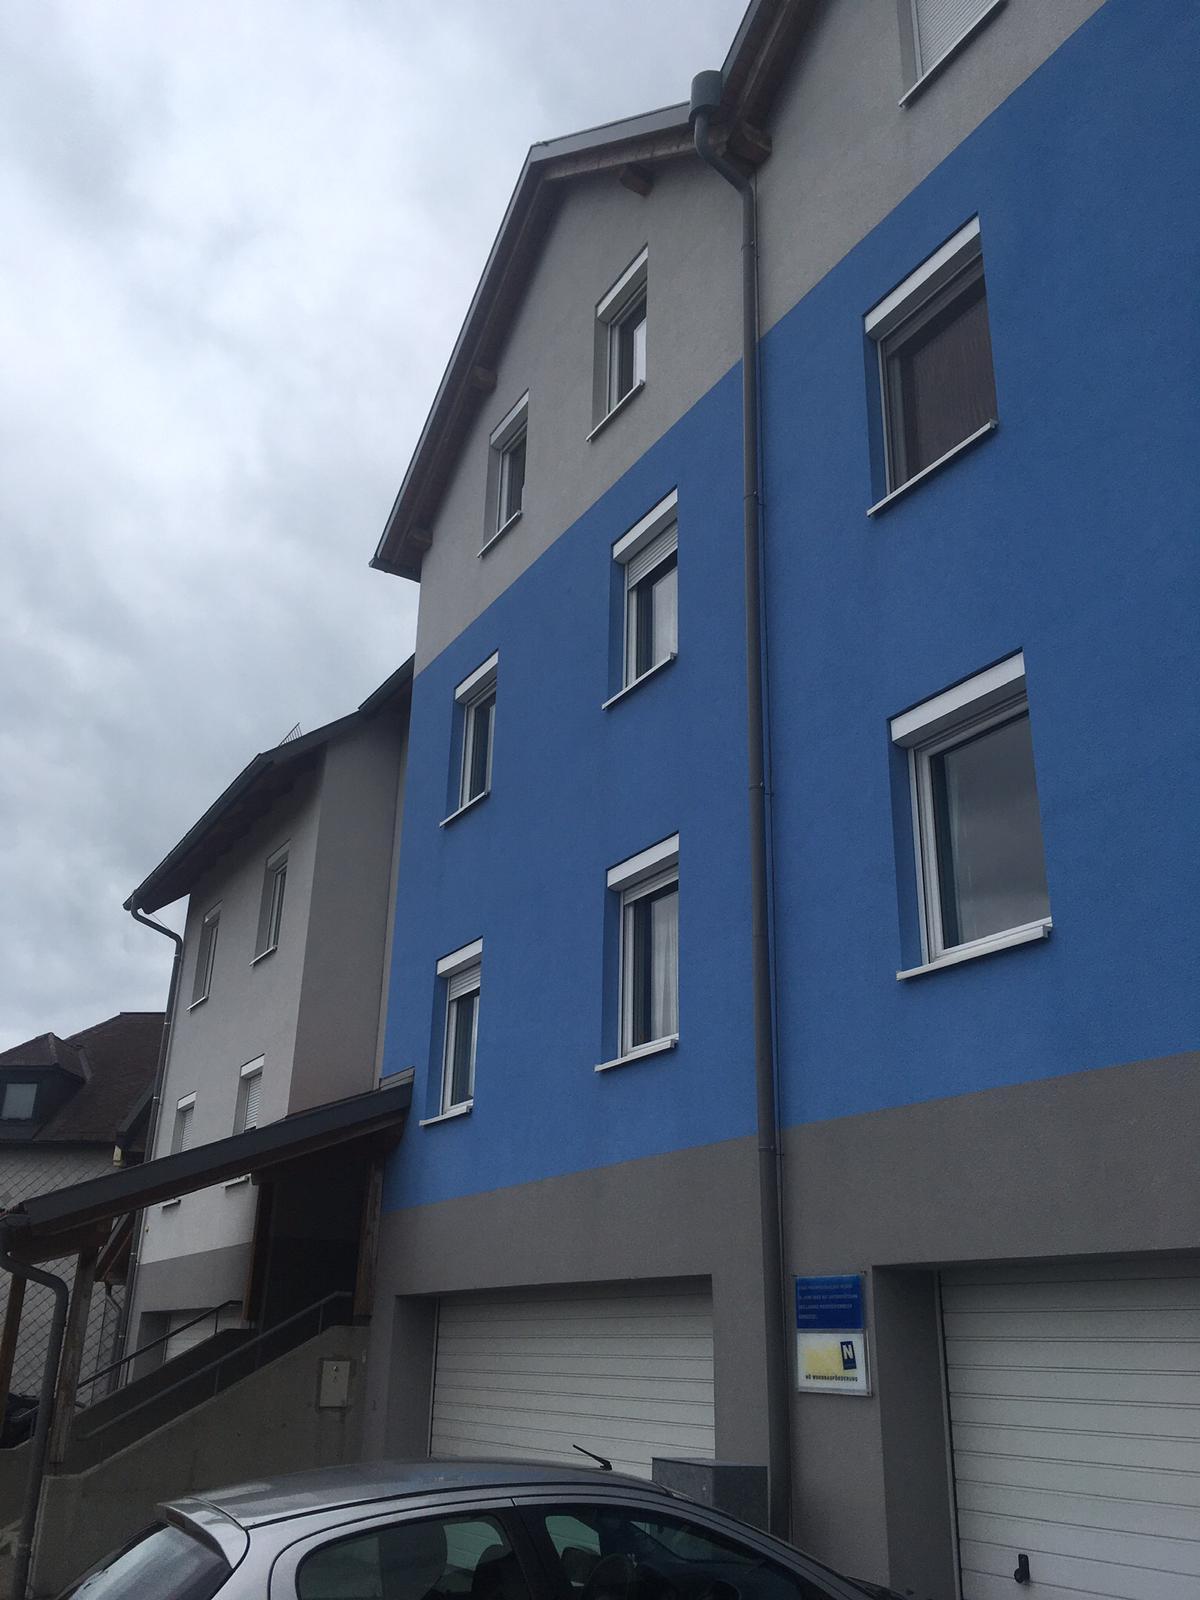 Immobilie von Kamptal in 3613 Albrechtsberg an der Großen Krems, Krems(Land), Albrechtsberg I/1 - Top 105 #16